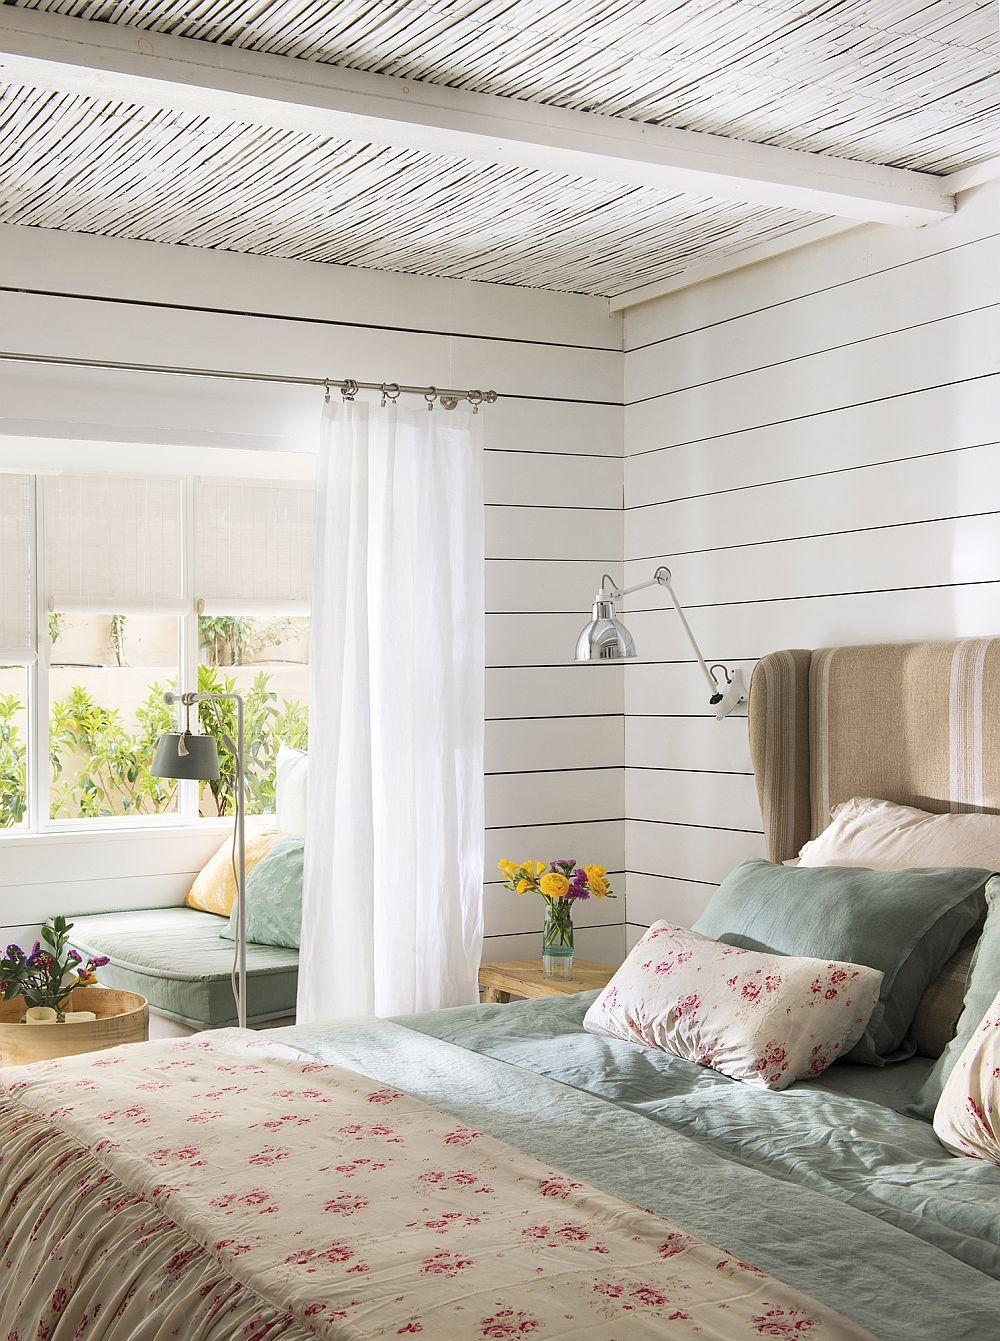 Dormitorul matrimonial este practic deschis către zona de intrare în casă.